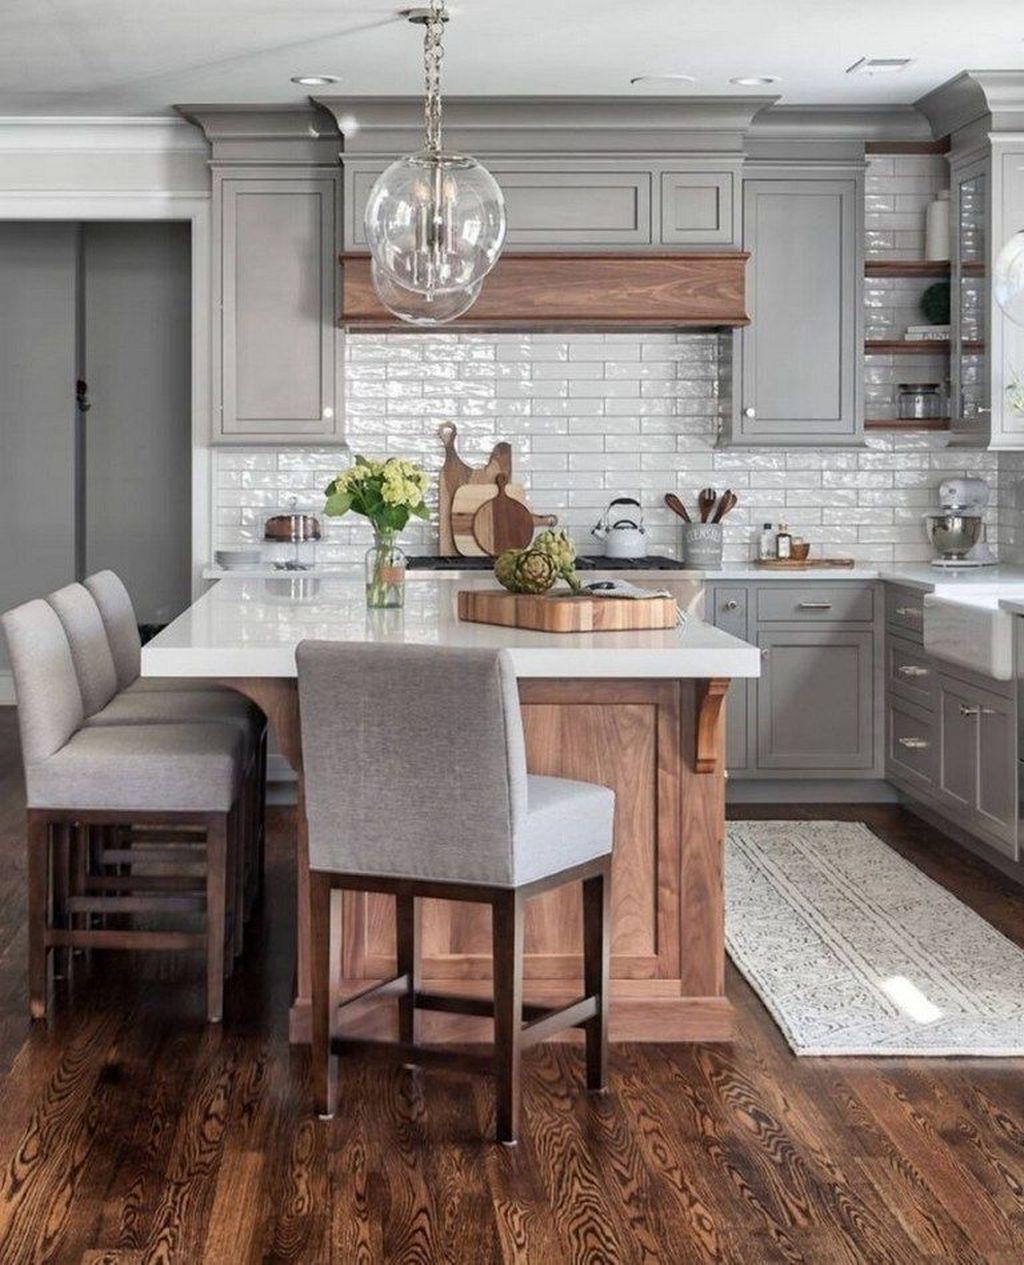 Amazing Modern Farmhouse Kitchen Design Ideas That You Should Copy In 2020 Farmhouse Kitchen Design Home Decor Kitchen Modern Farmhouse Kitchens